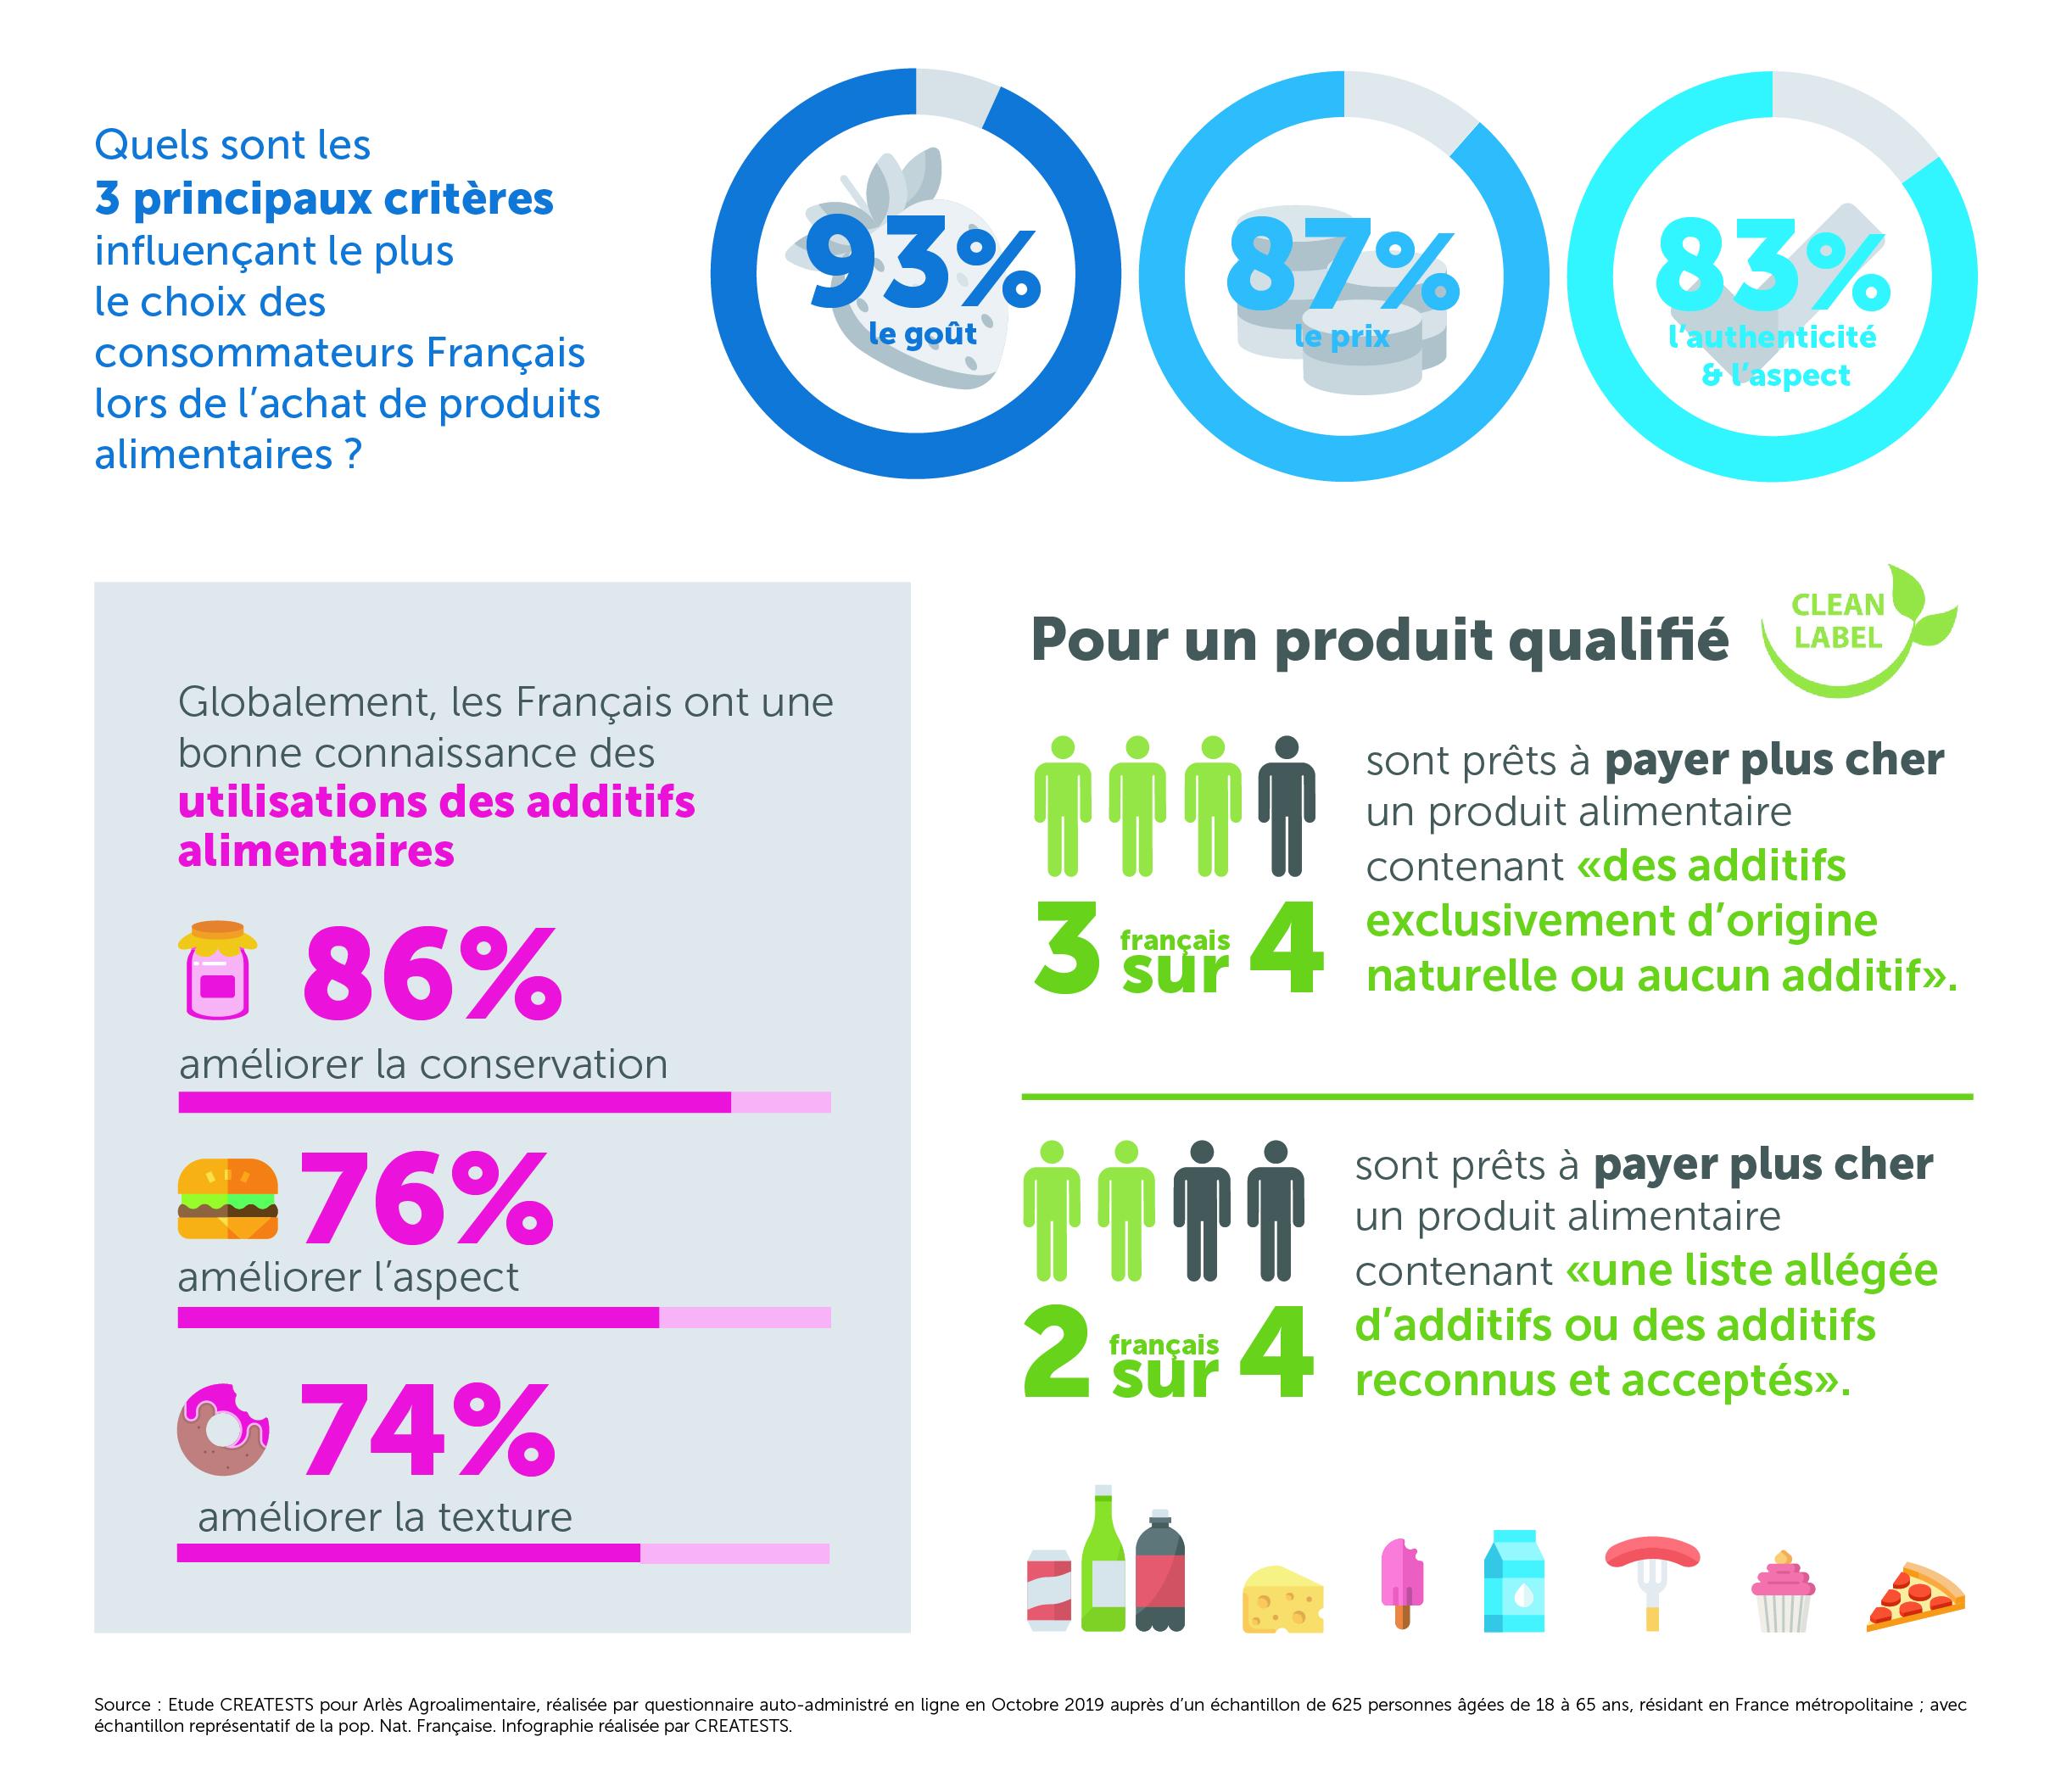 Infographie Arlès Agroalimentaire V4 - Quelle image des additifs ont les Français ? Etude d'opinion Creatests pour Arlès Agroalimentaire